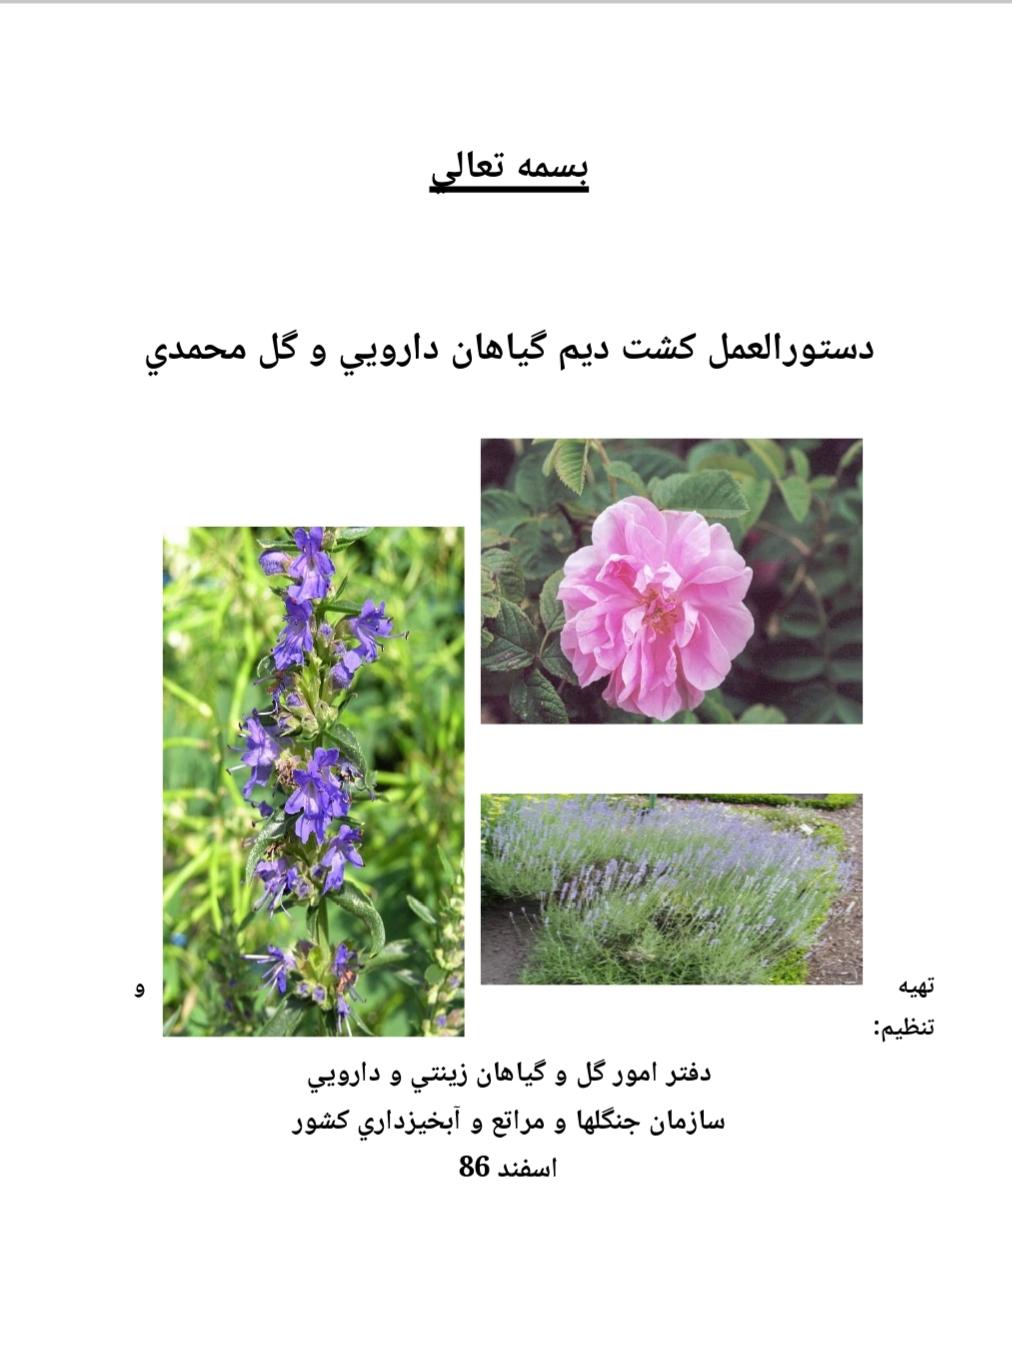 دستورالعمل كشت ديم گياهان دارويي و گل محمدي